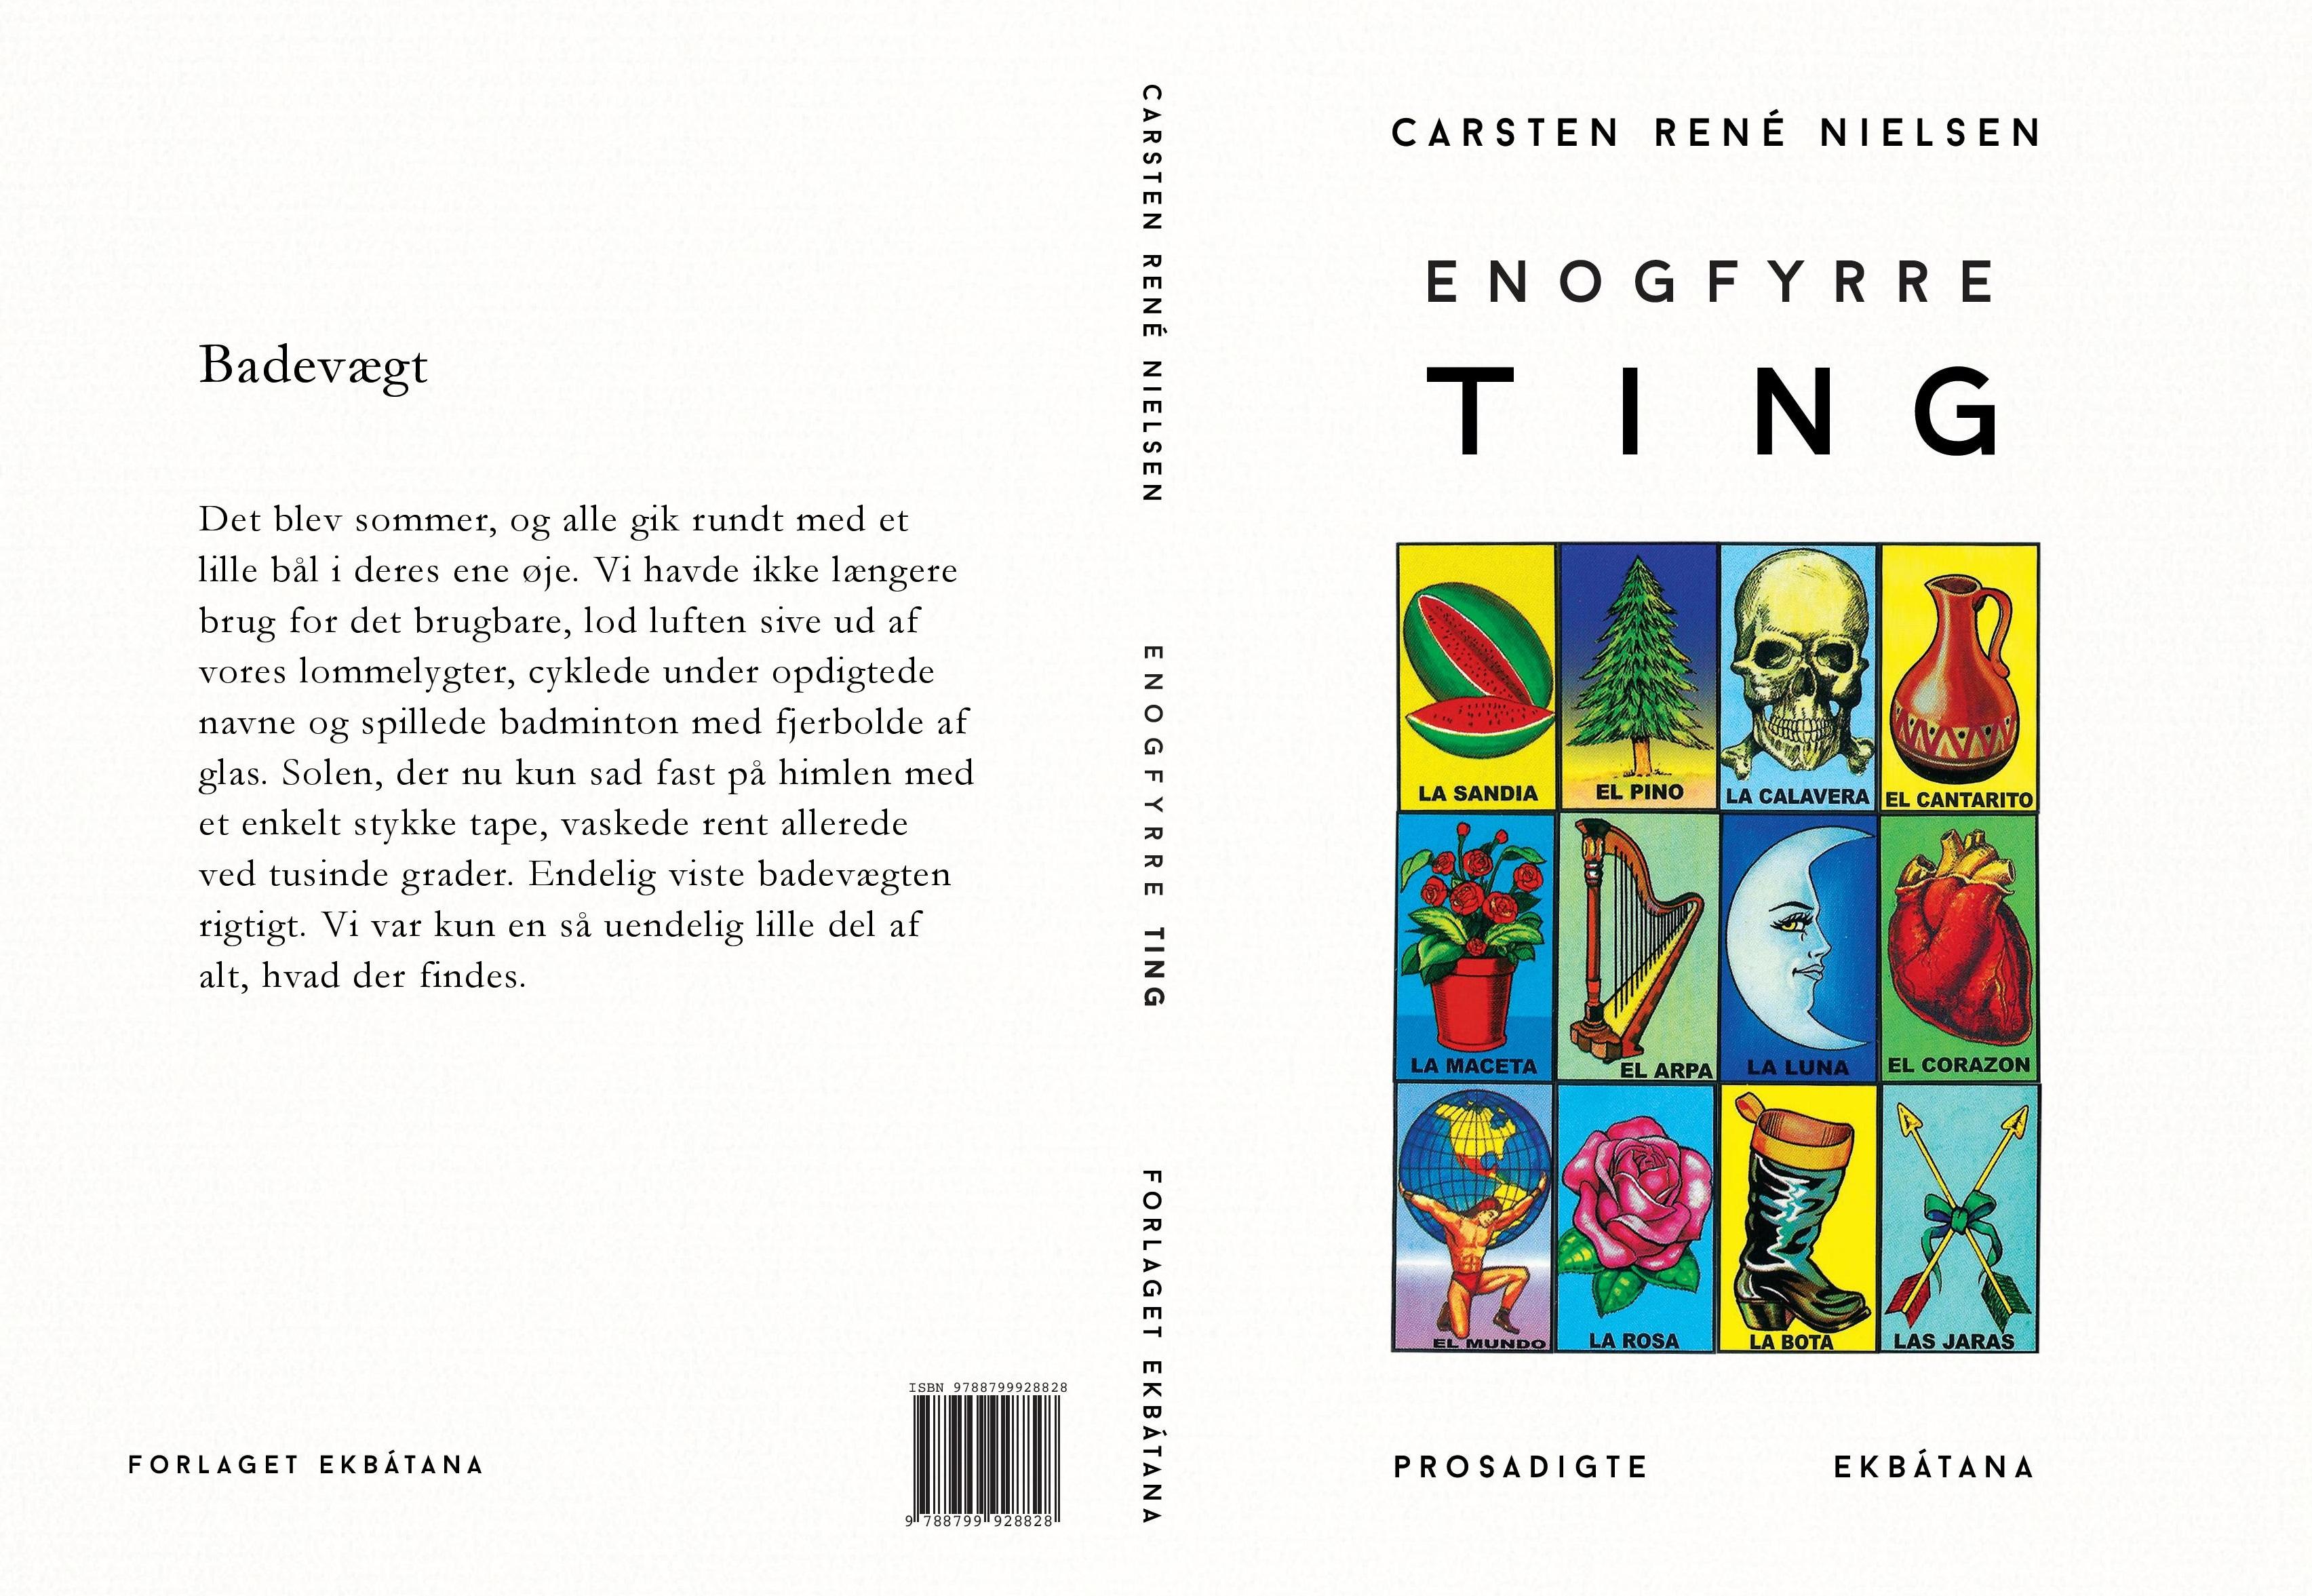 Enogfyrre ting, Carsten Rene Nielsen, prosadigte